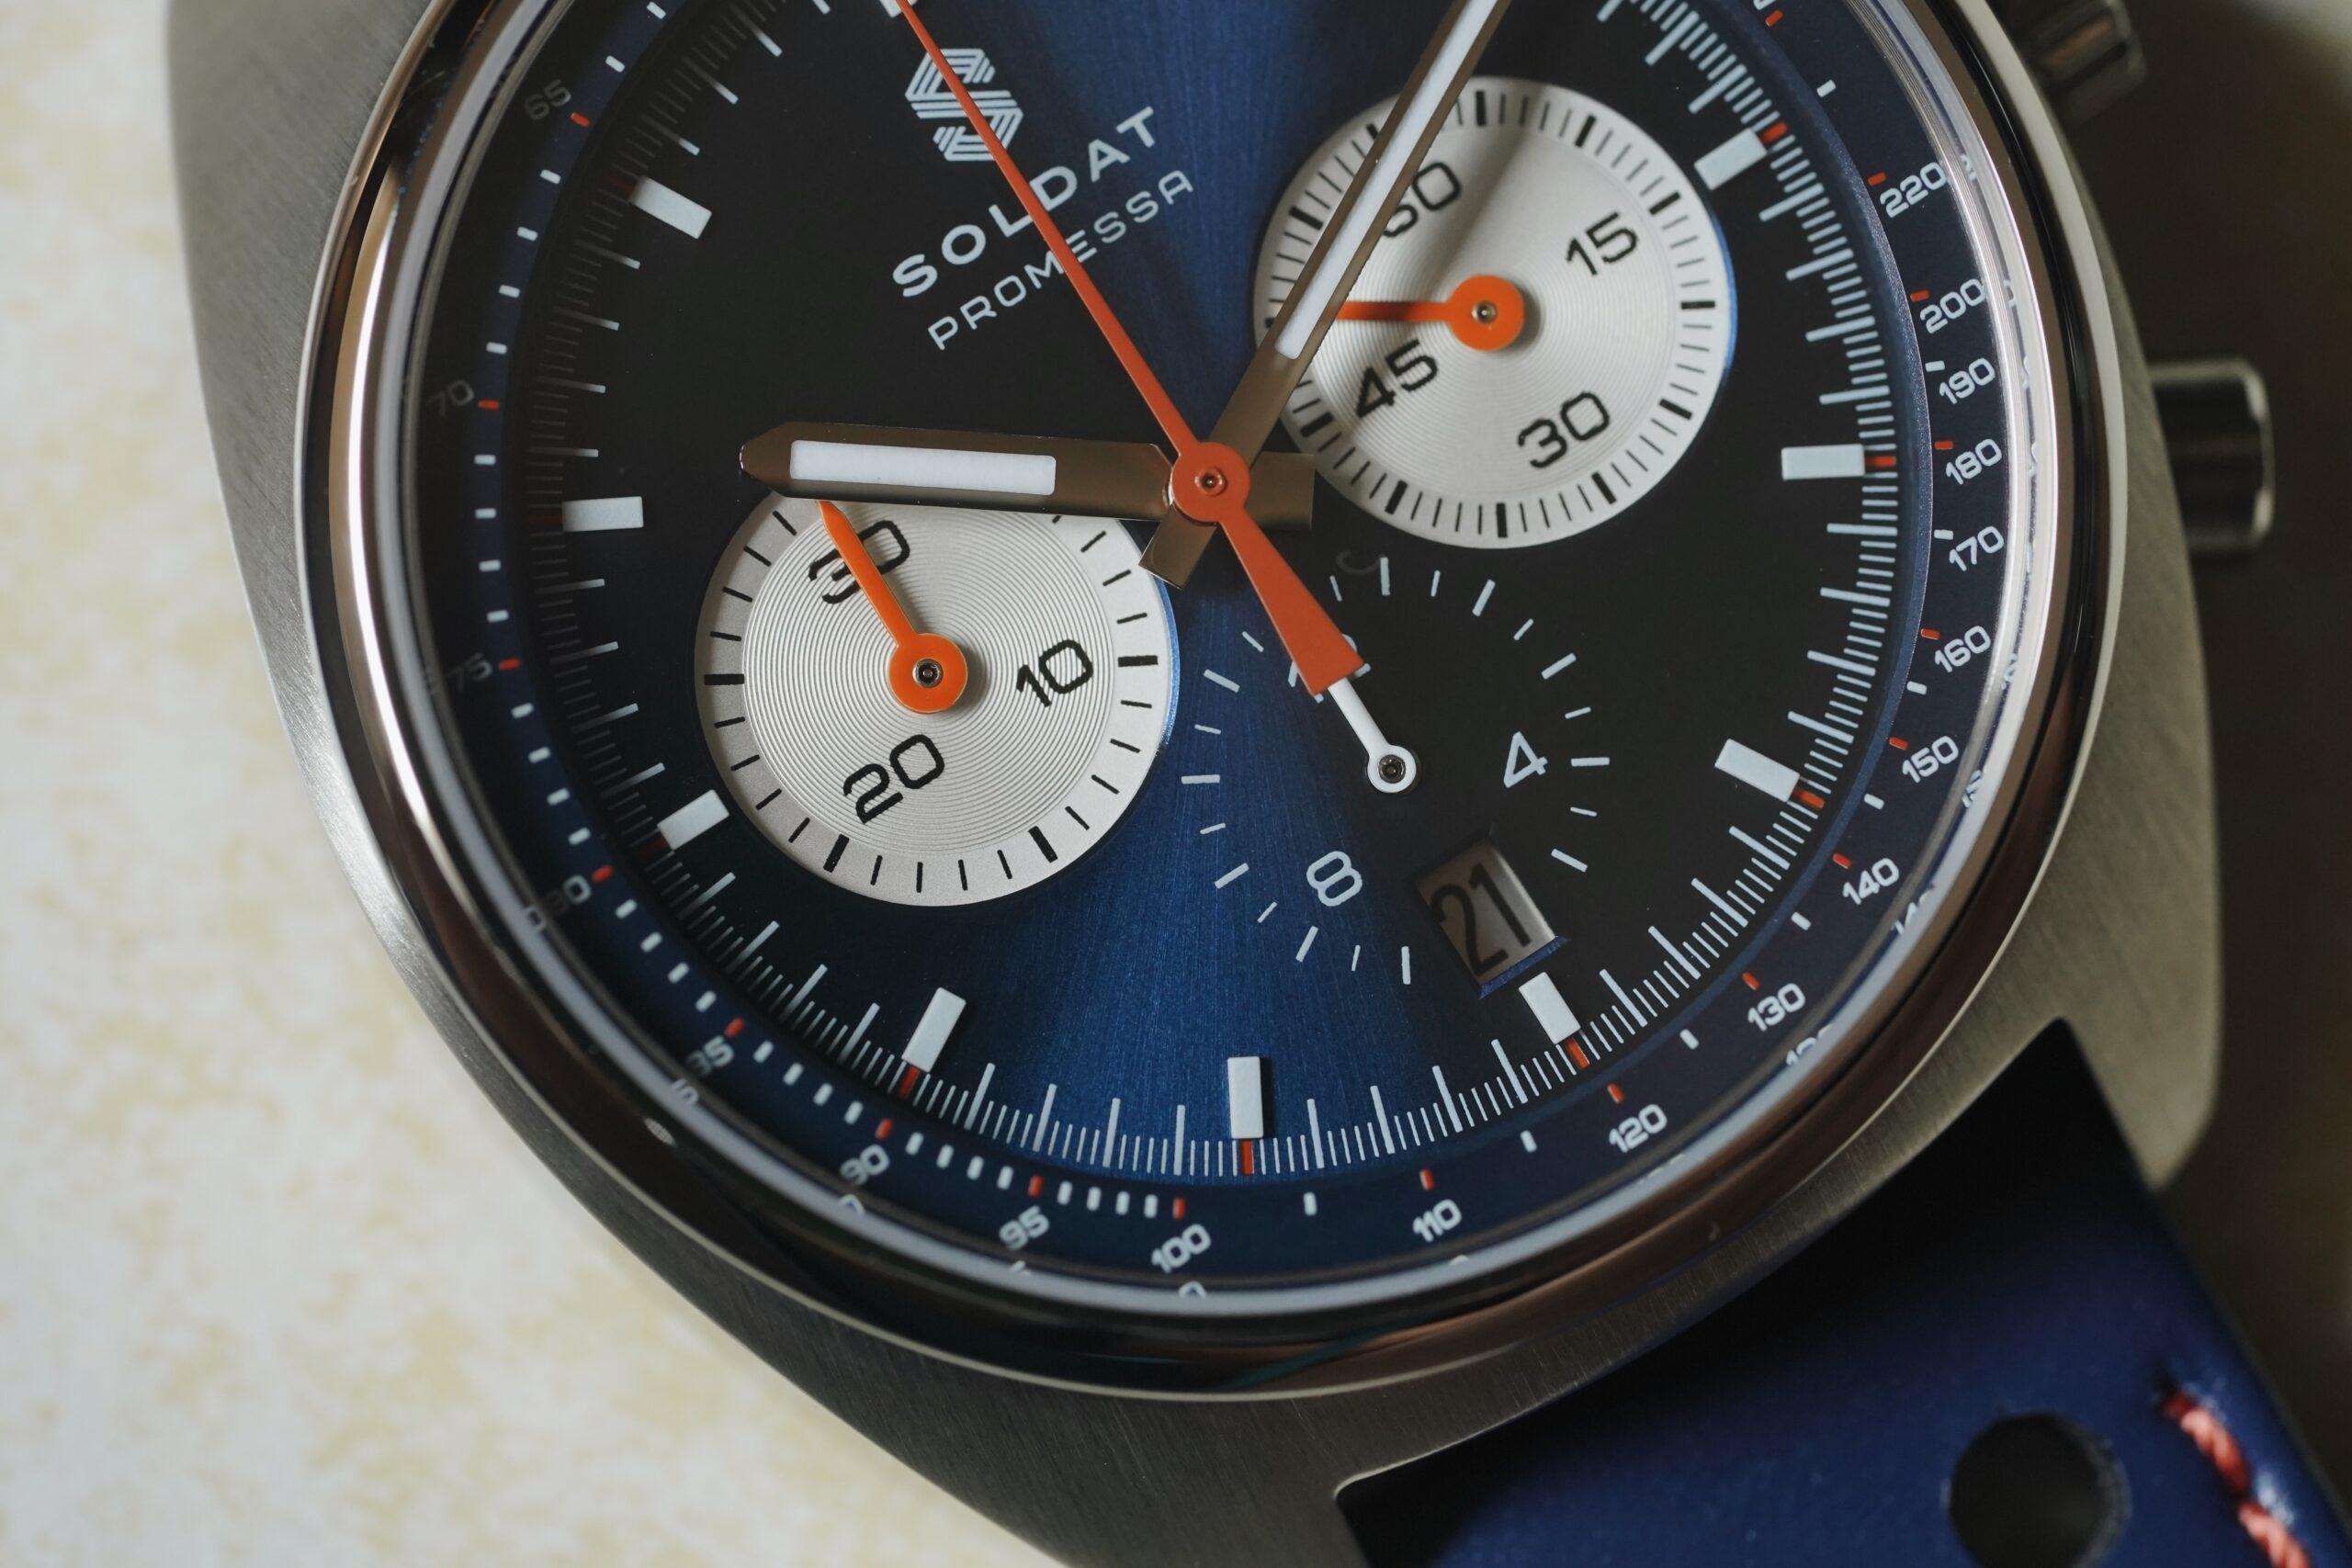 Soldat выпускает гоночный хронограф, вдохновленный 1970-ми годами